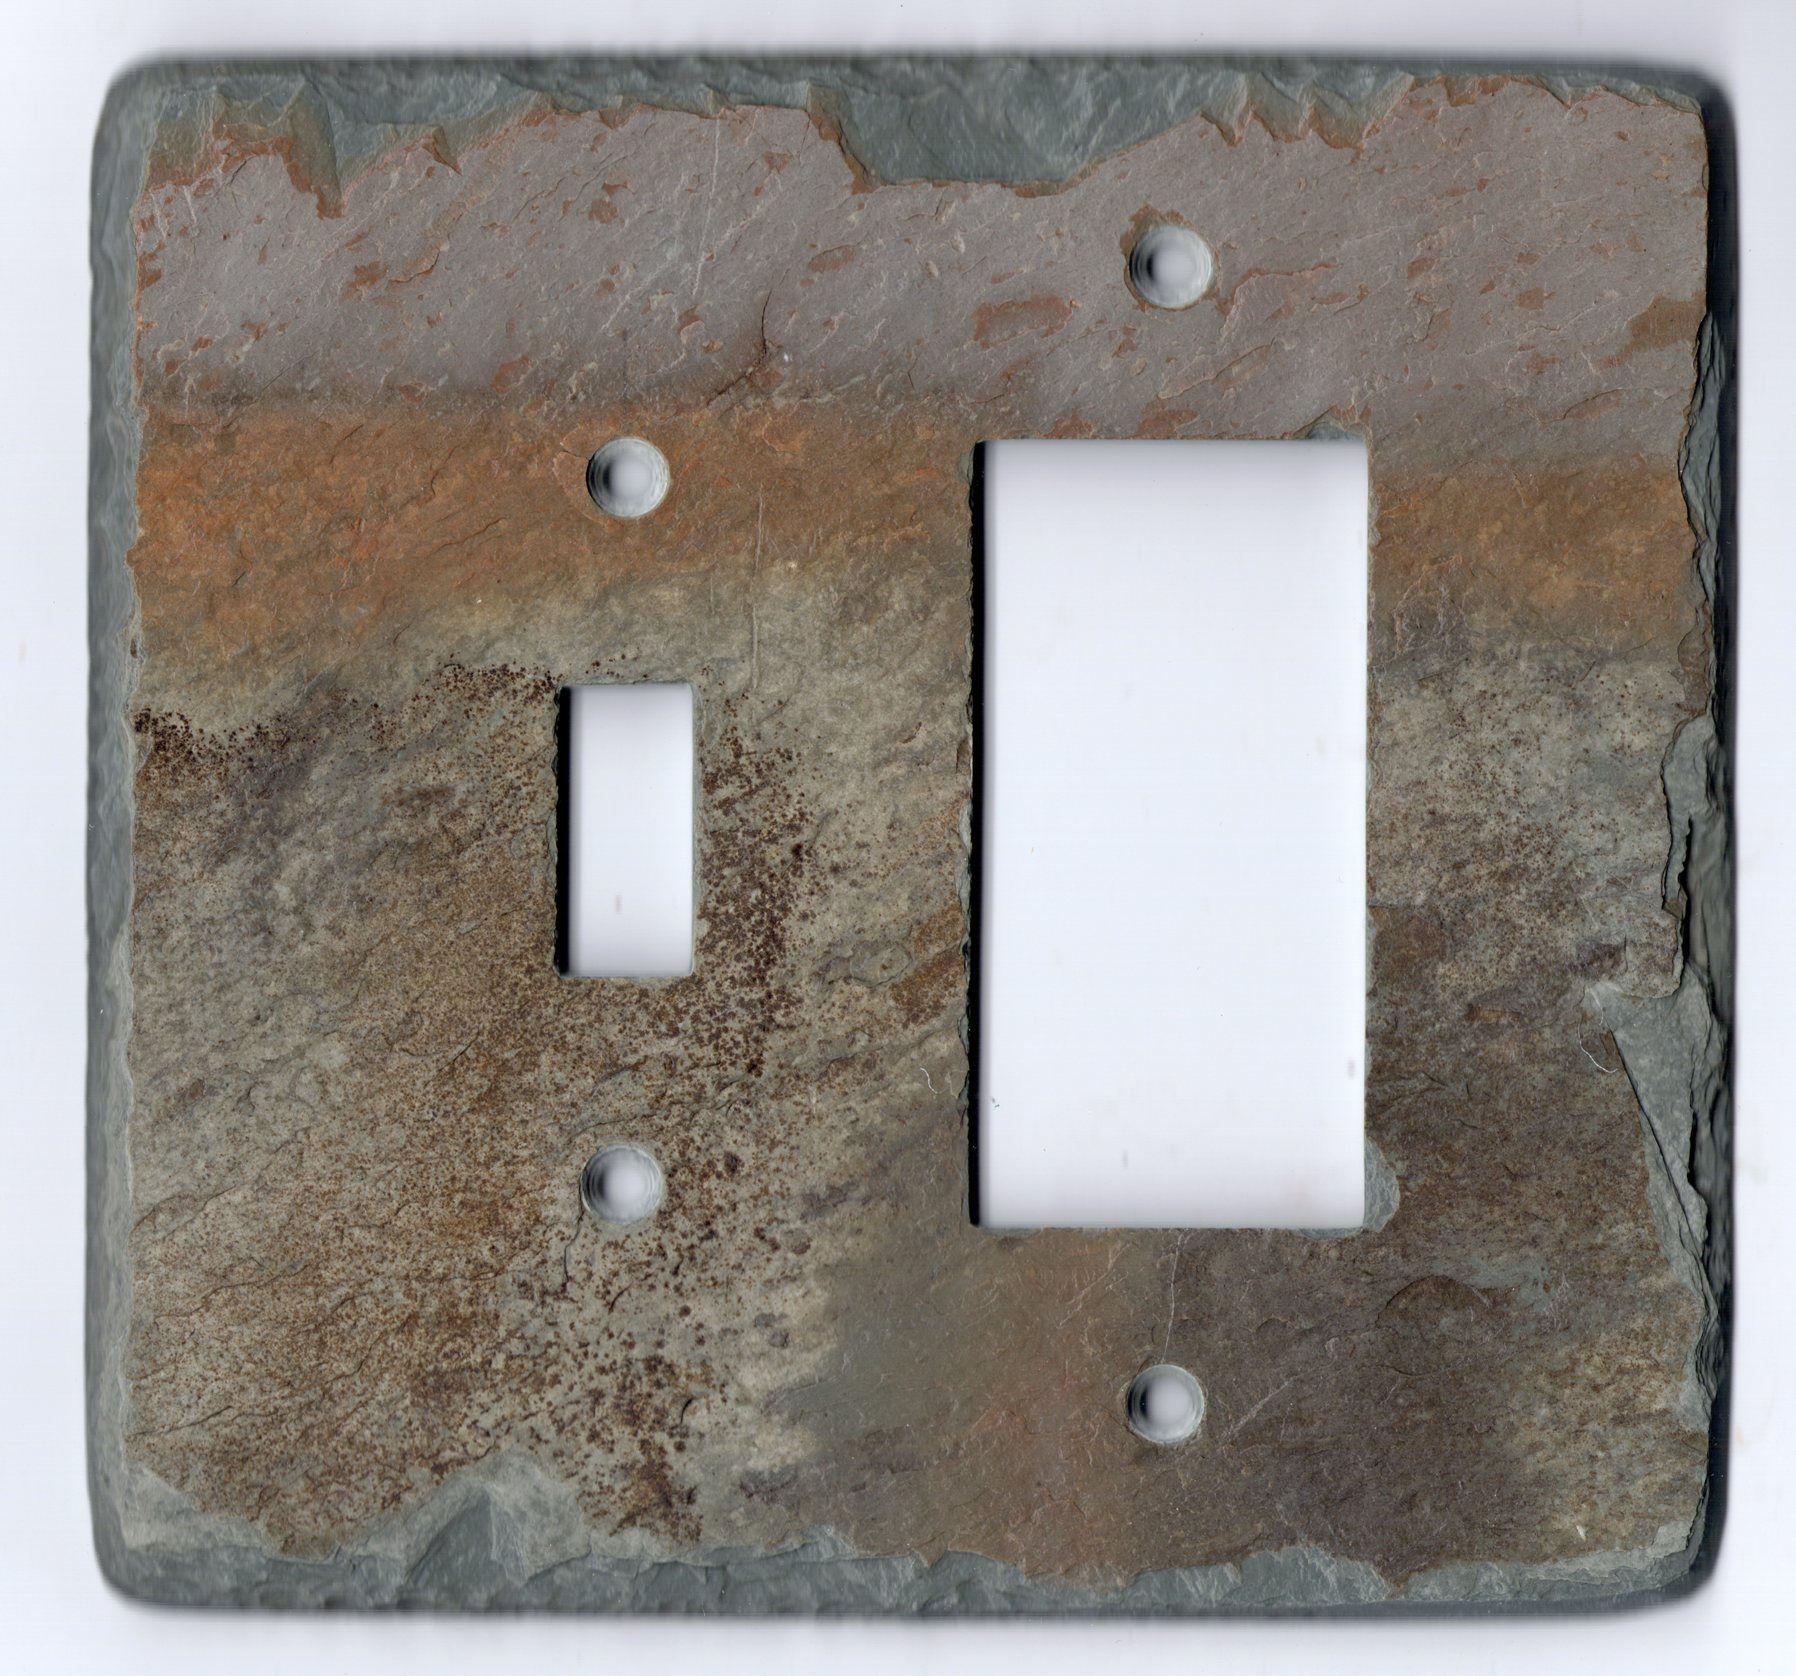 Slate single switch/gfi decora rocker combo switch plate